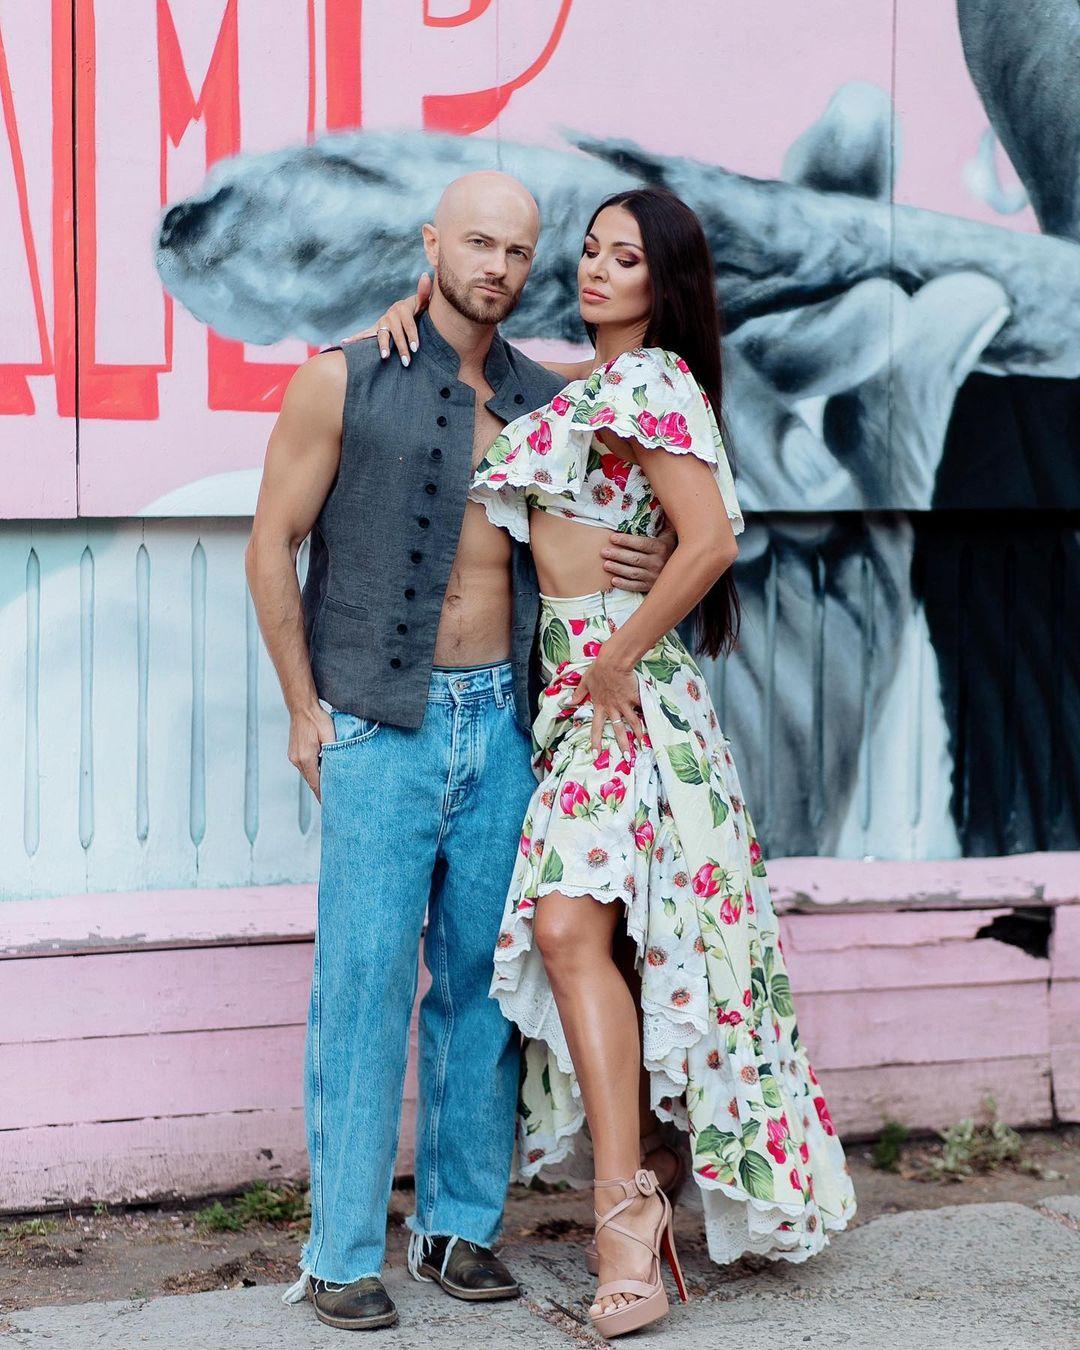 Идеальная пара: Влад Яма показал жаркое фото со стройной полуобнаженной женой